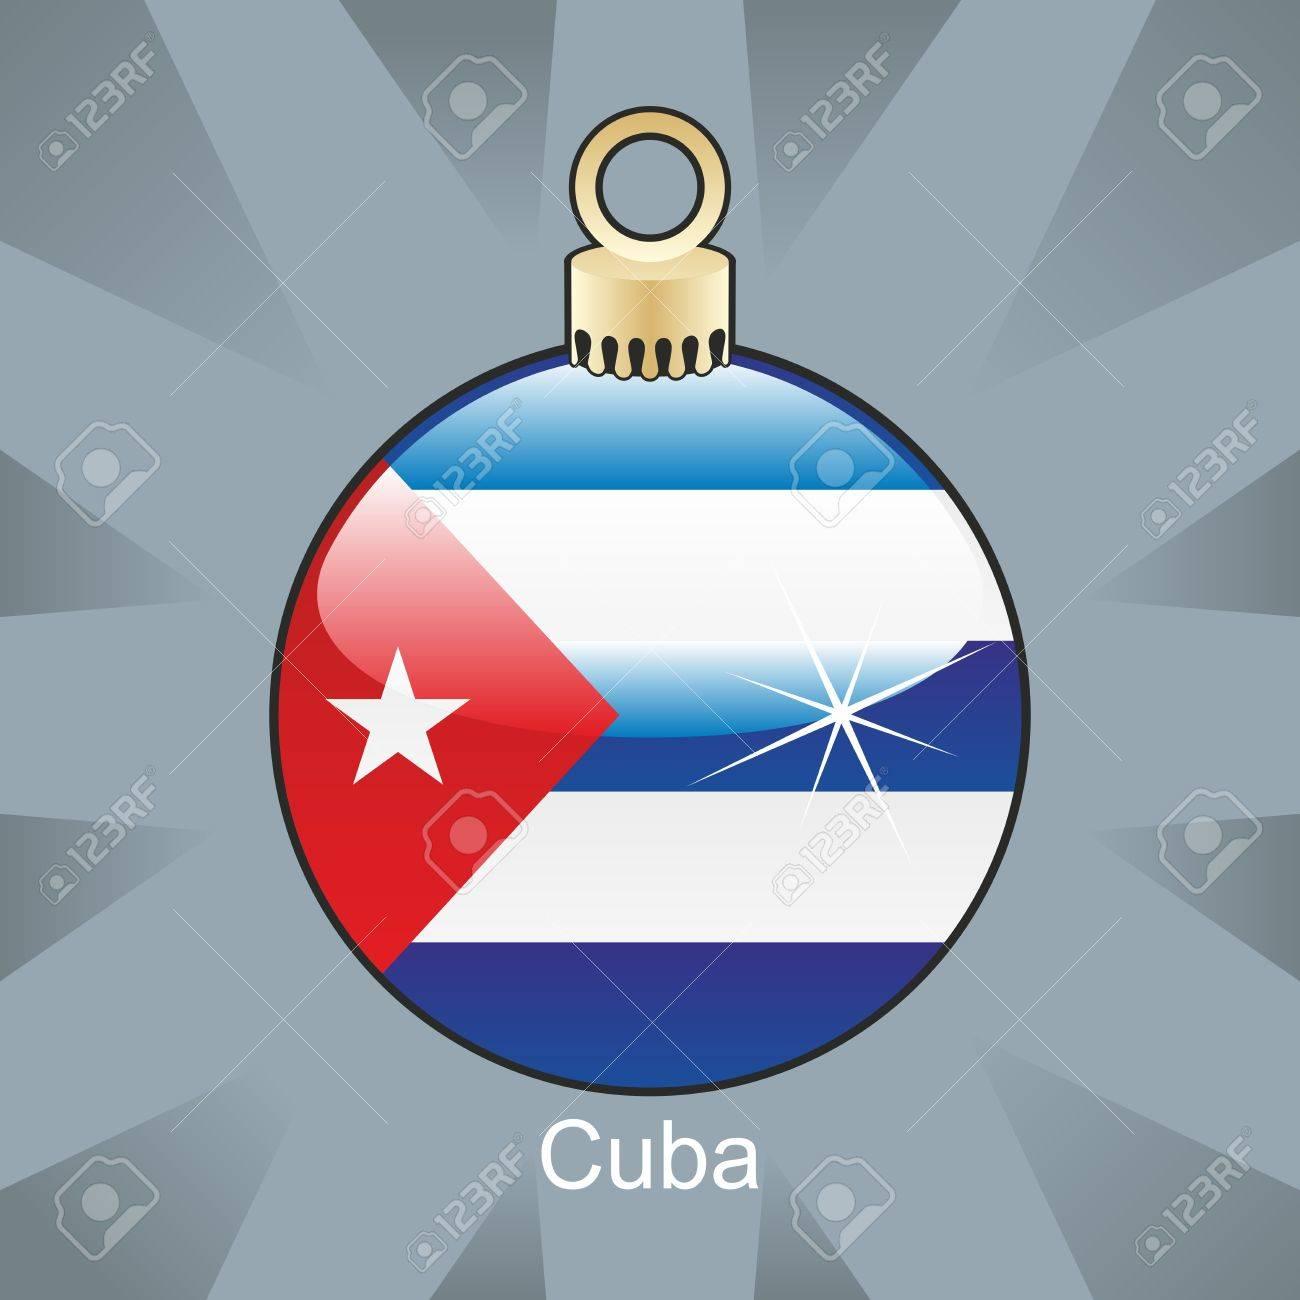 fully editable illustration of isolated cuba flag in christmas bulb shape Stock Vector - 8420275